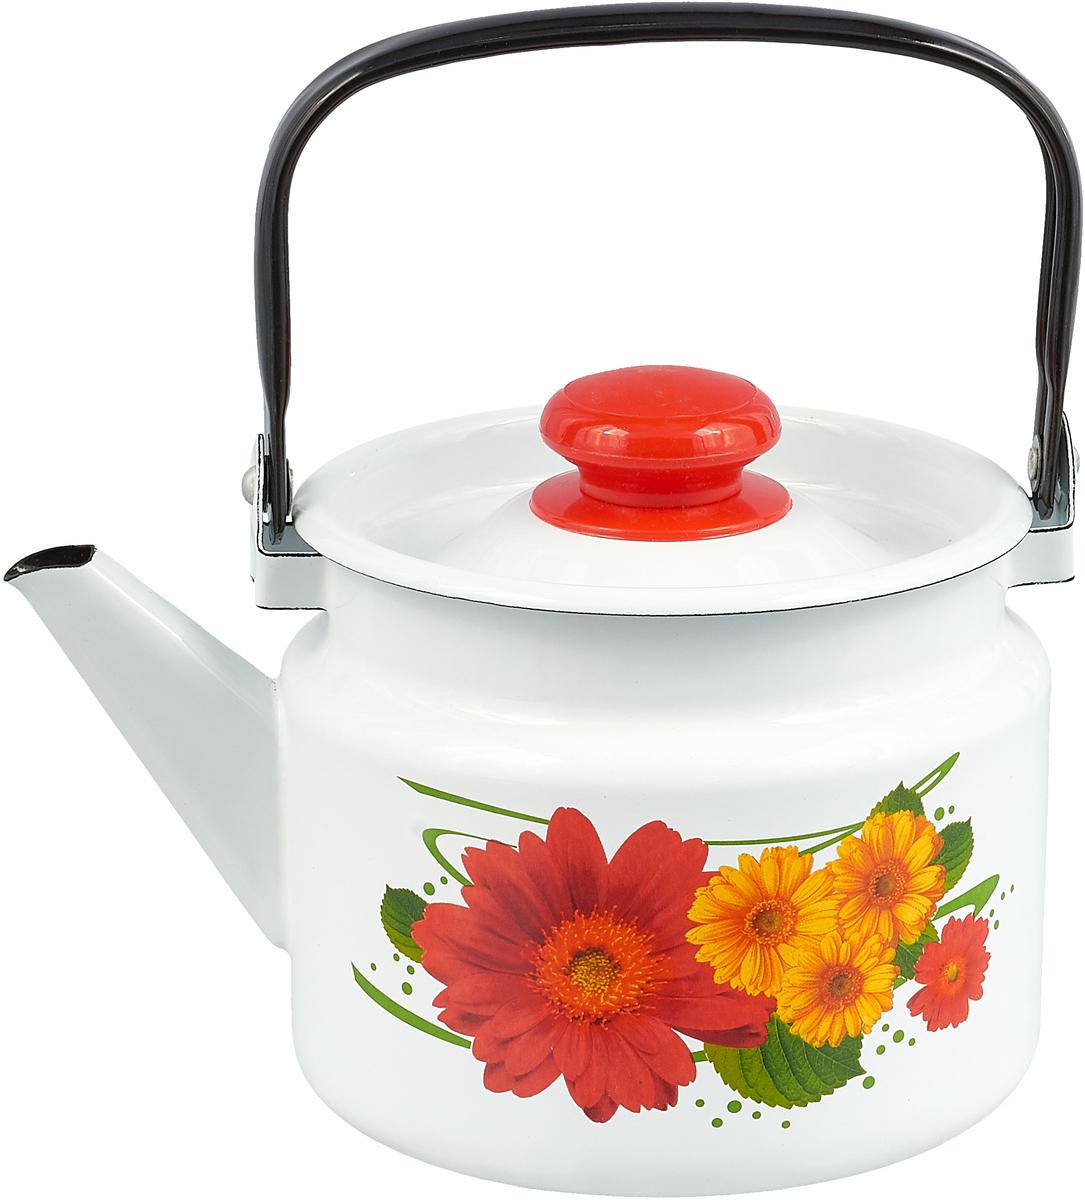 Чайник эмалированный Лысьвенские эмали Цветы, 2 л чайники для плиты лысьвенские эмали чайник 1 0 л заварочный рис лысьвенские эмали